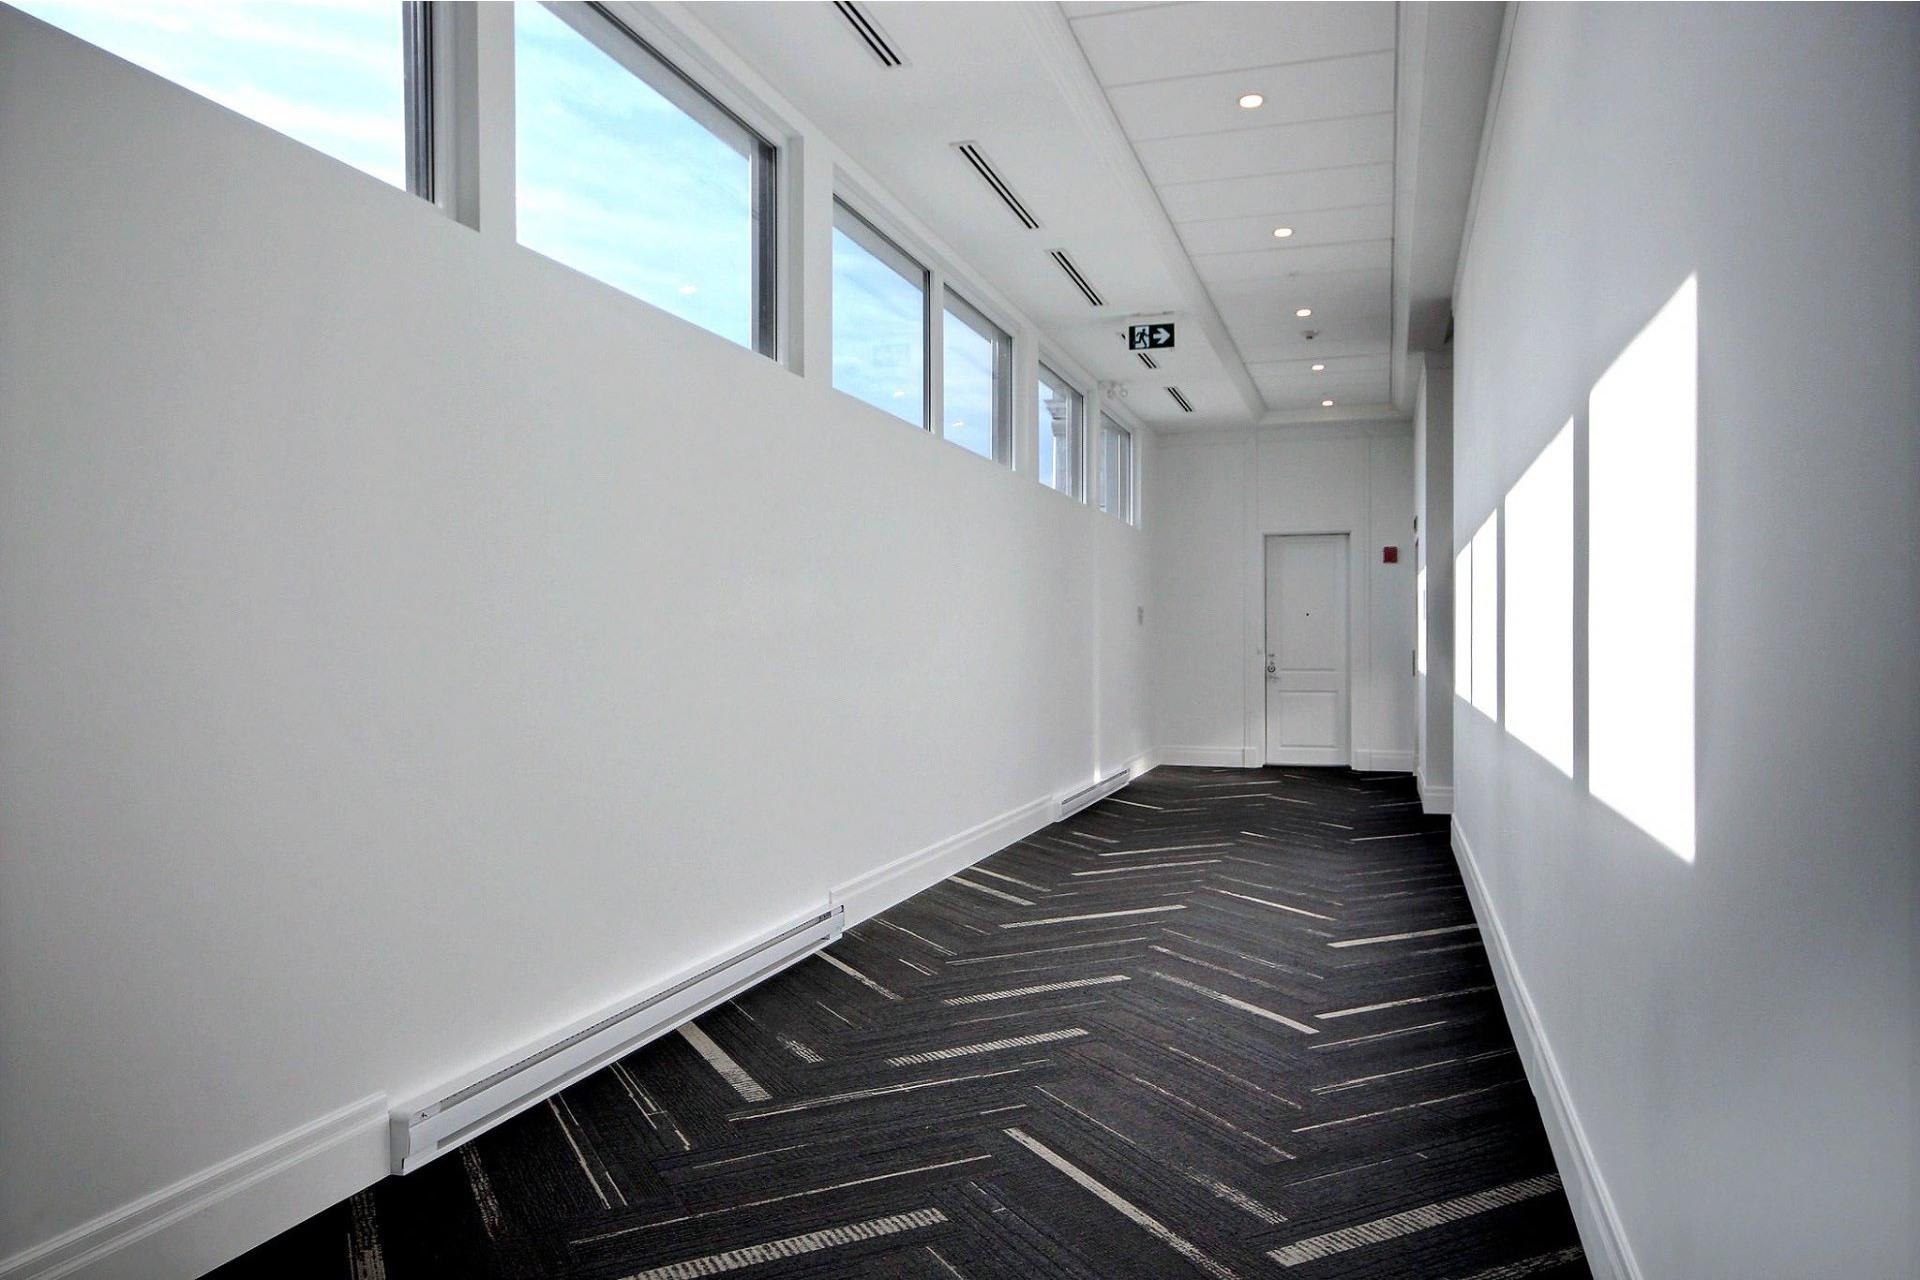 image 28 - Appartement À vendre Sainte-Foy/Sillery/Cap-Rouge Québec  - 7 pièces